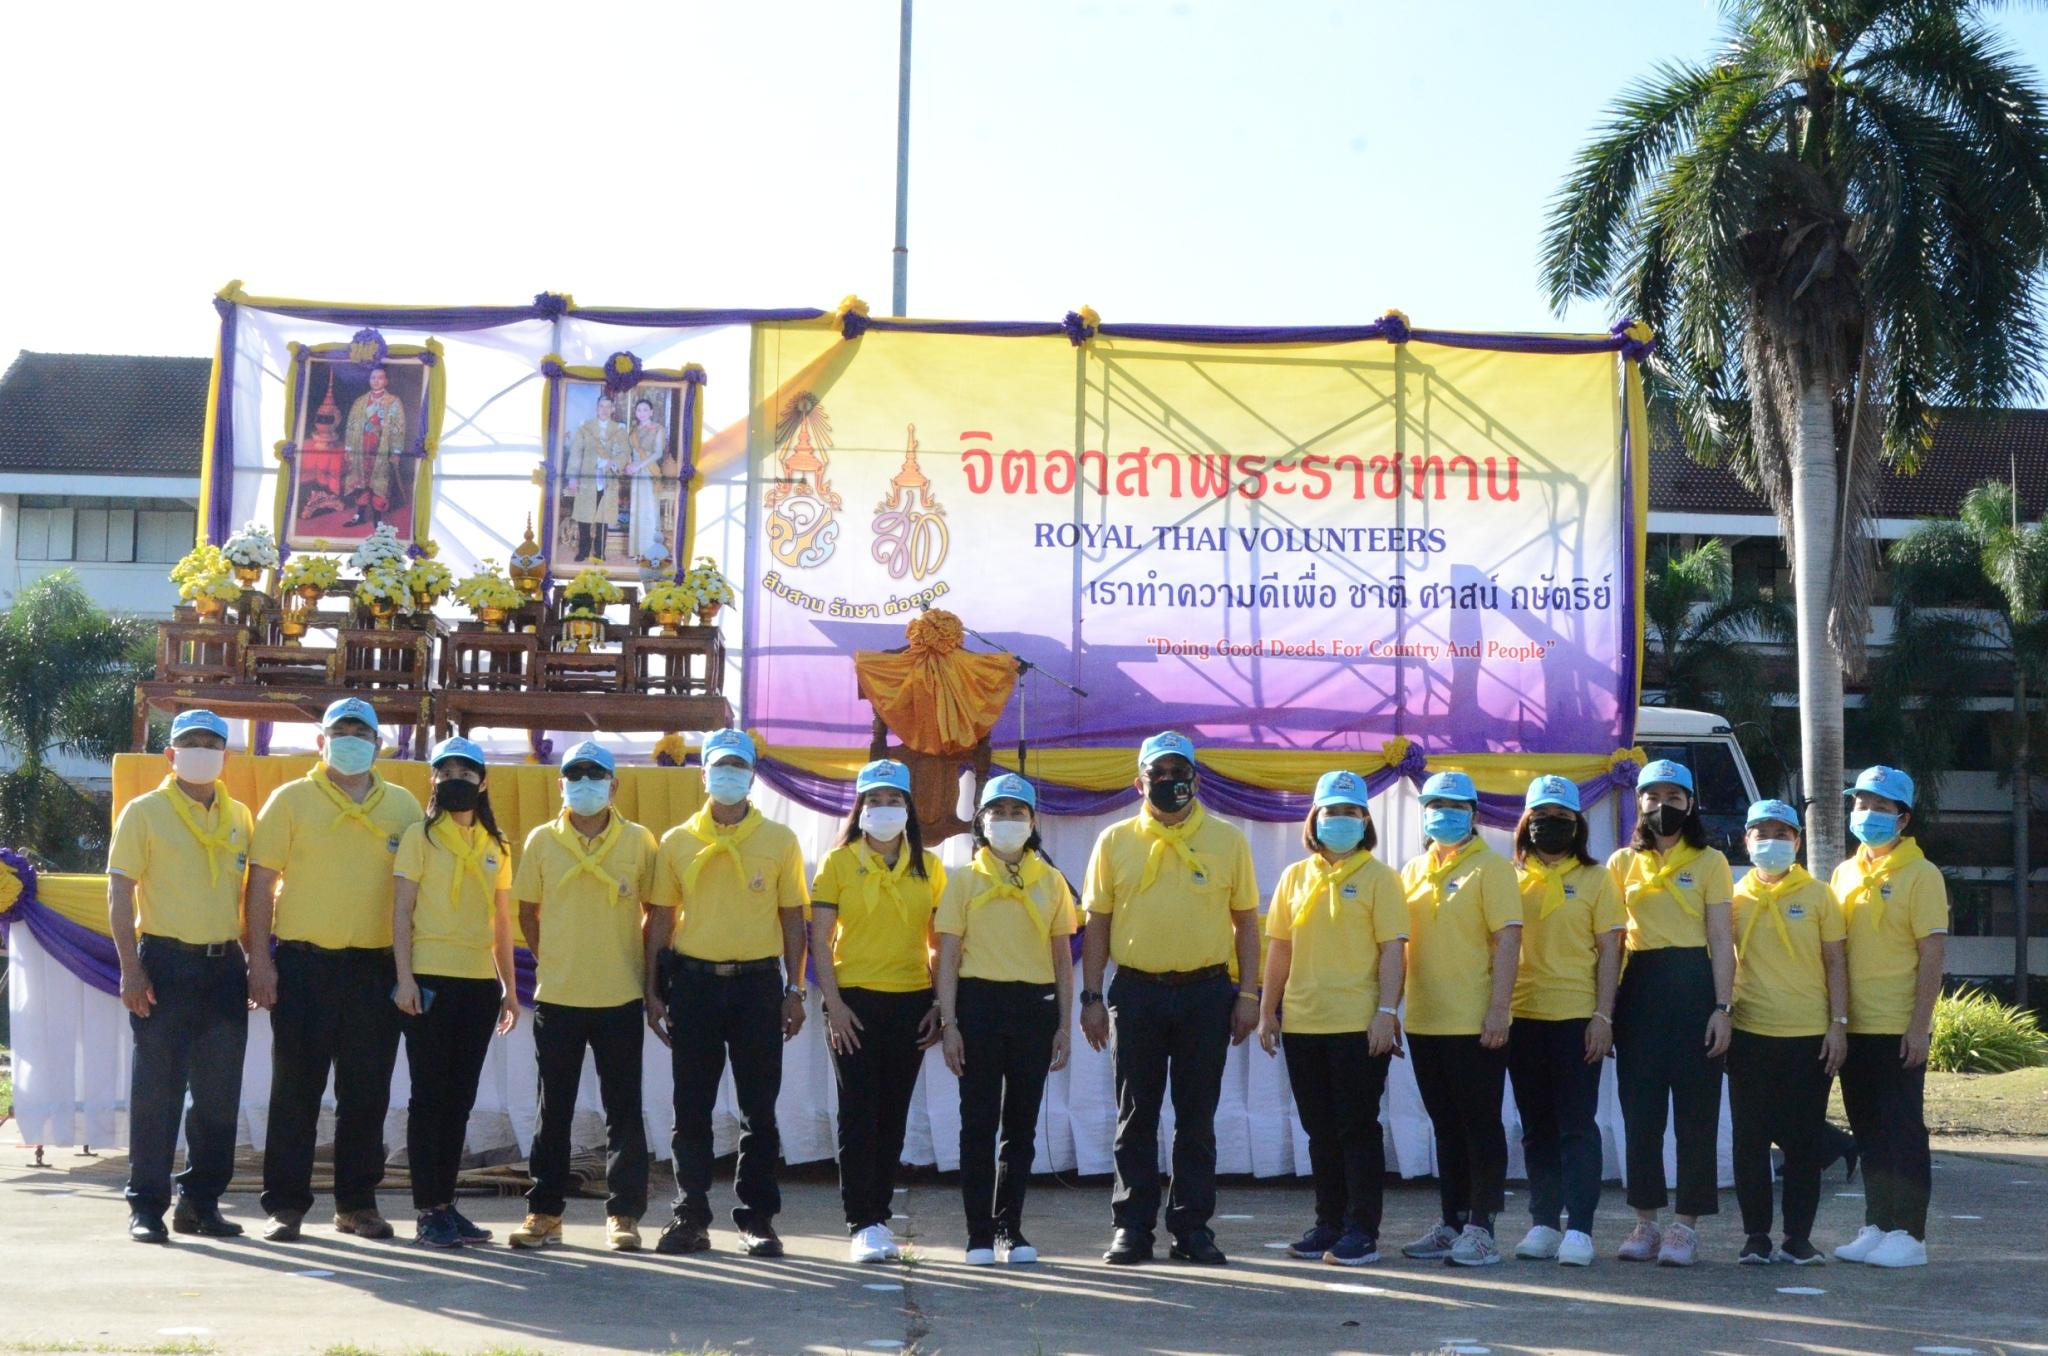 สรจ.มุกดาหาร ร่วมกิจกรรมจิตอาสาพัฒนา วันสำคัญของชาติไทย เนื่องในวันคล้ายวันสวรรคตพระบาทสมเด็จพระมงกุฎเกล้าเจ้าอยู่หัว รัชกาลที่ 6